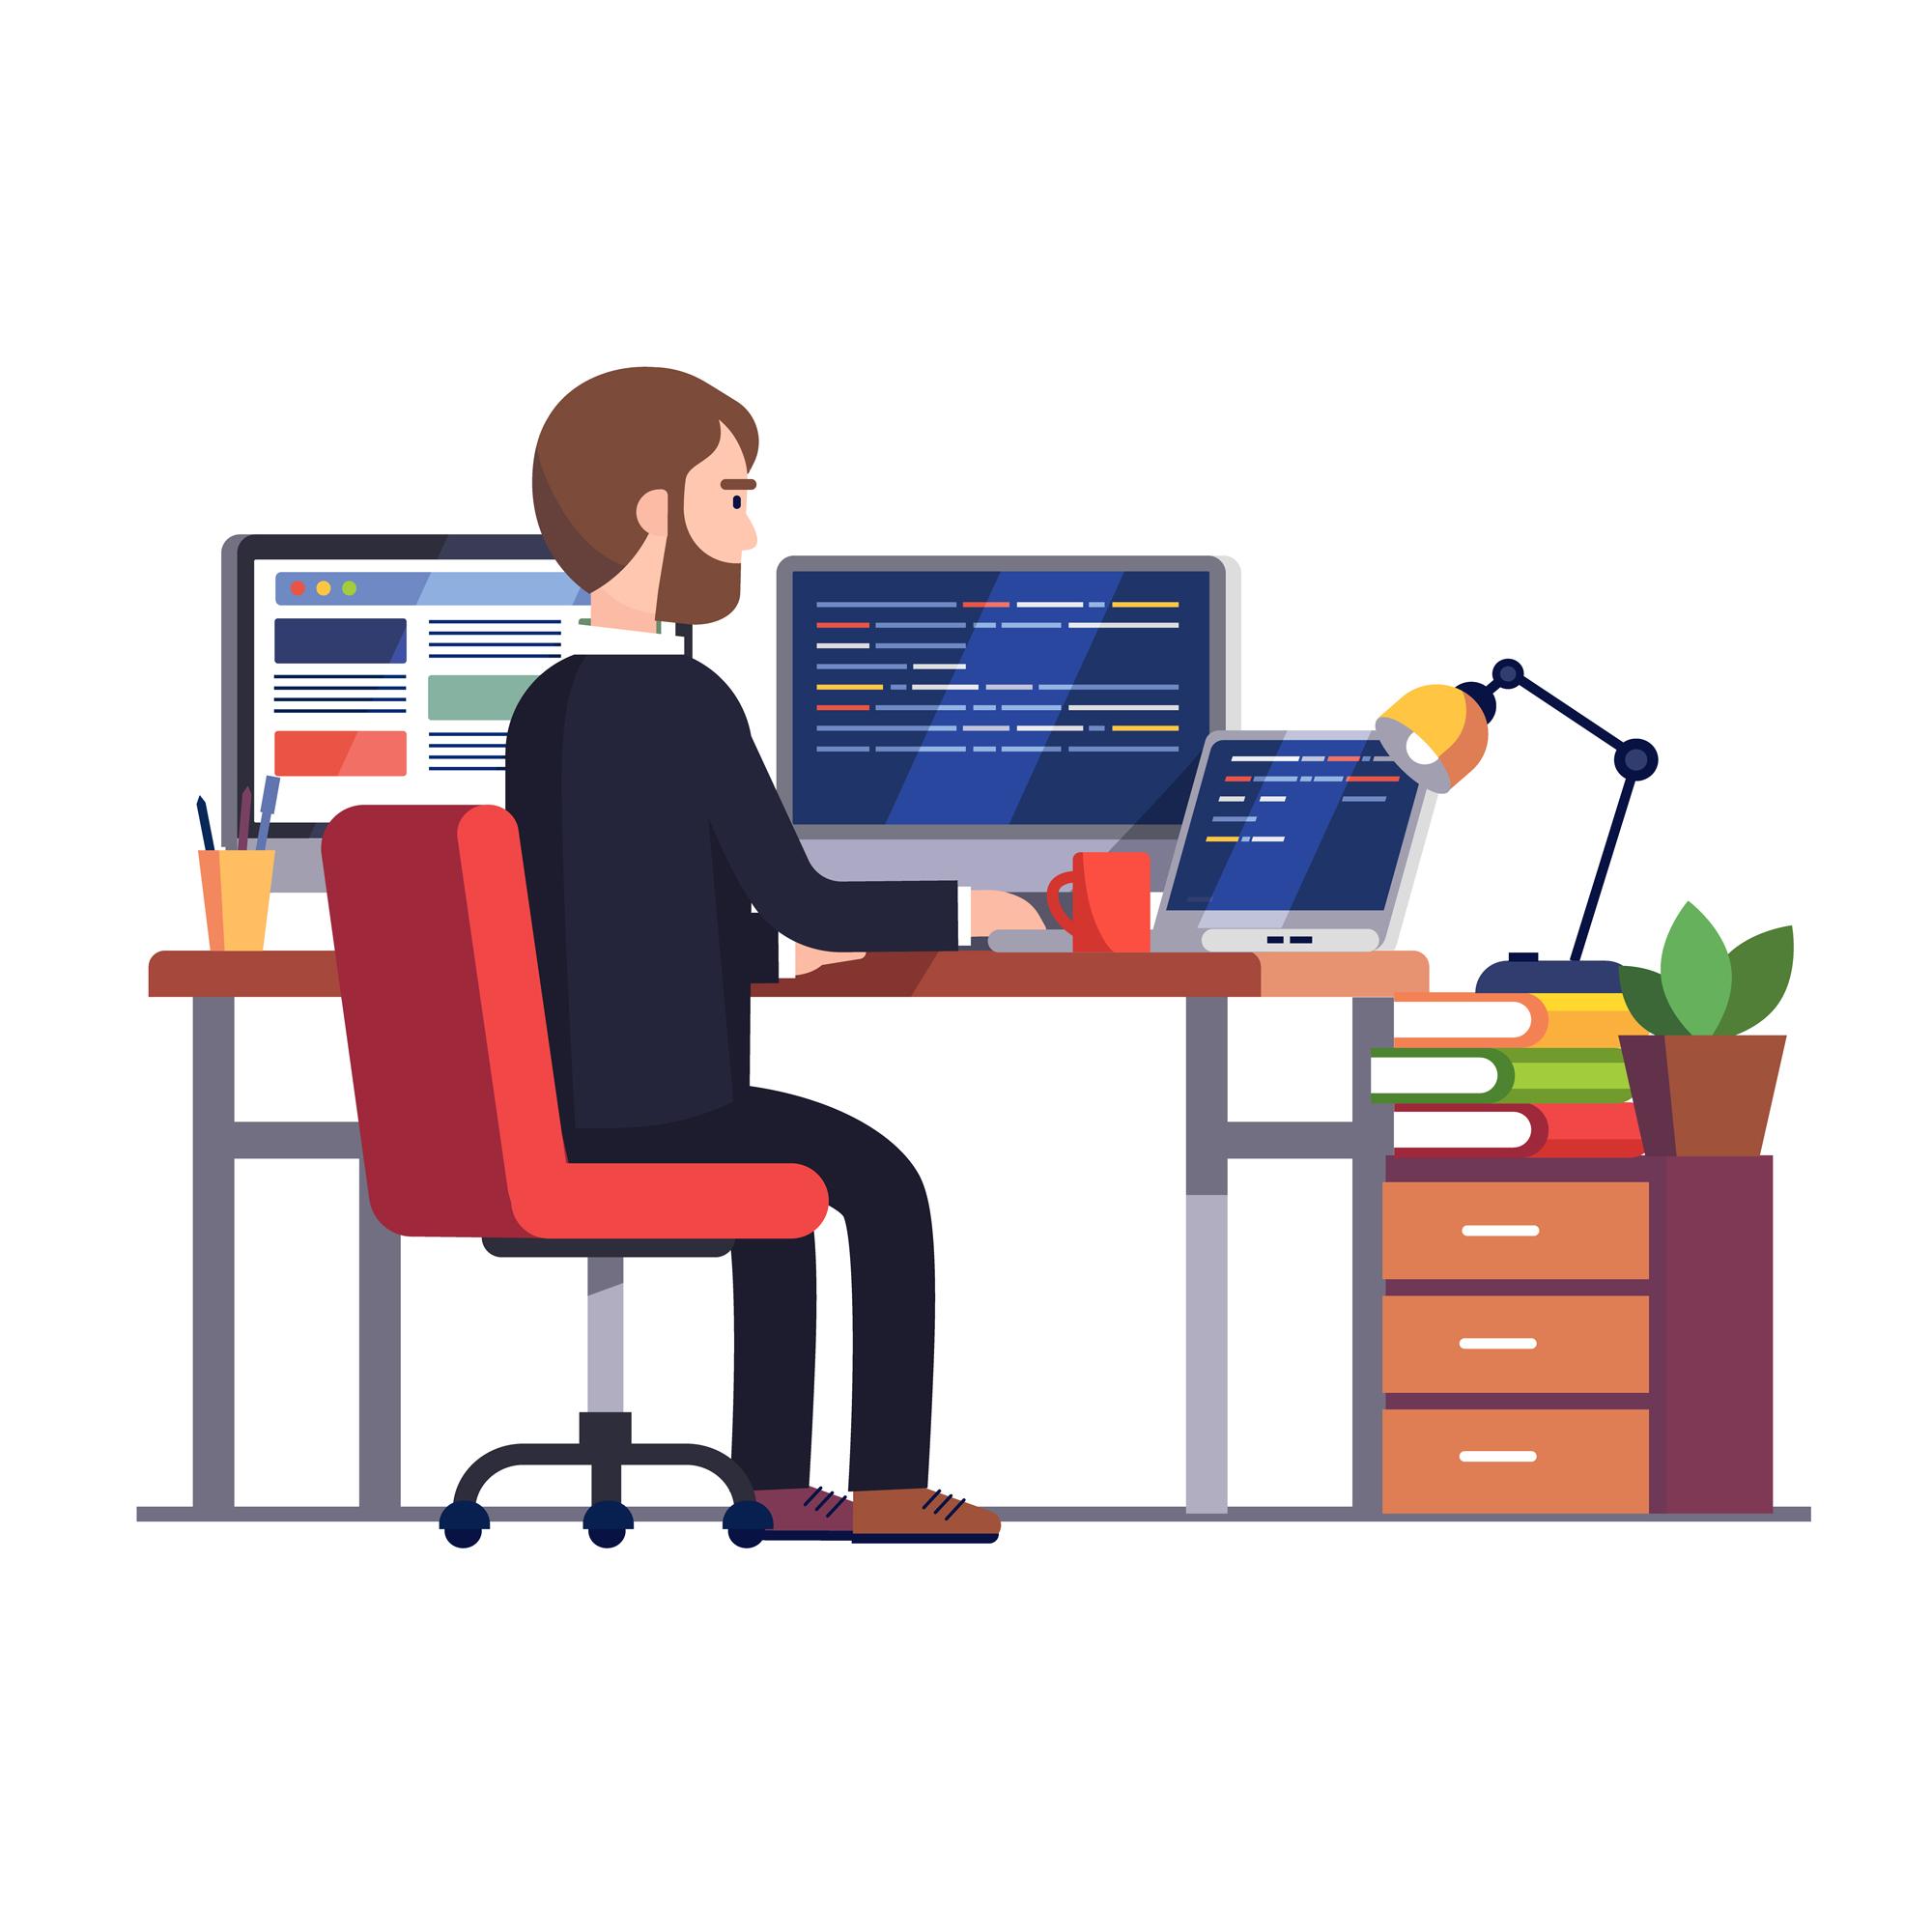 I will do an e-commerce website